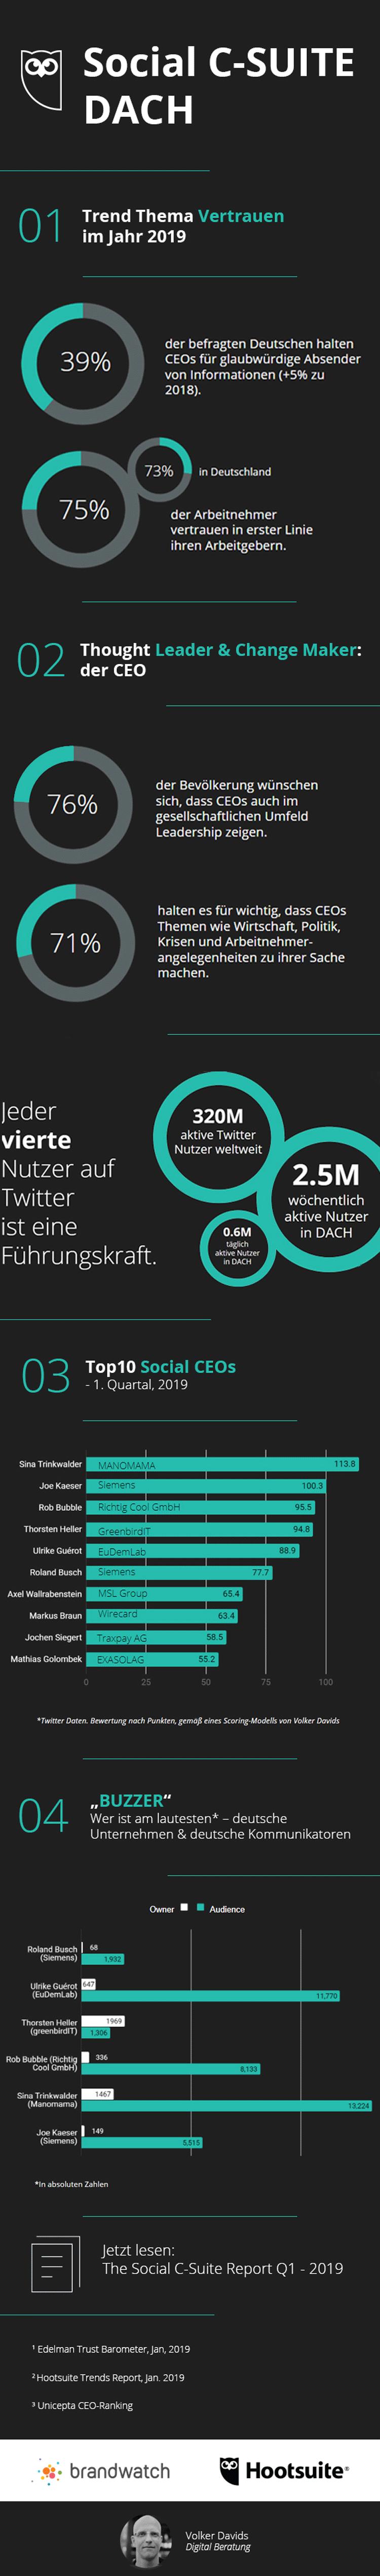 Wie deutsche Manager in sozialen Netzwerken unterwegs sind.